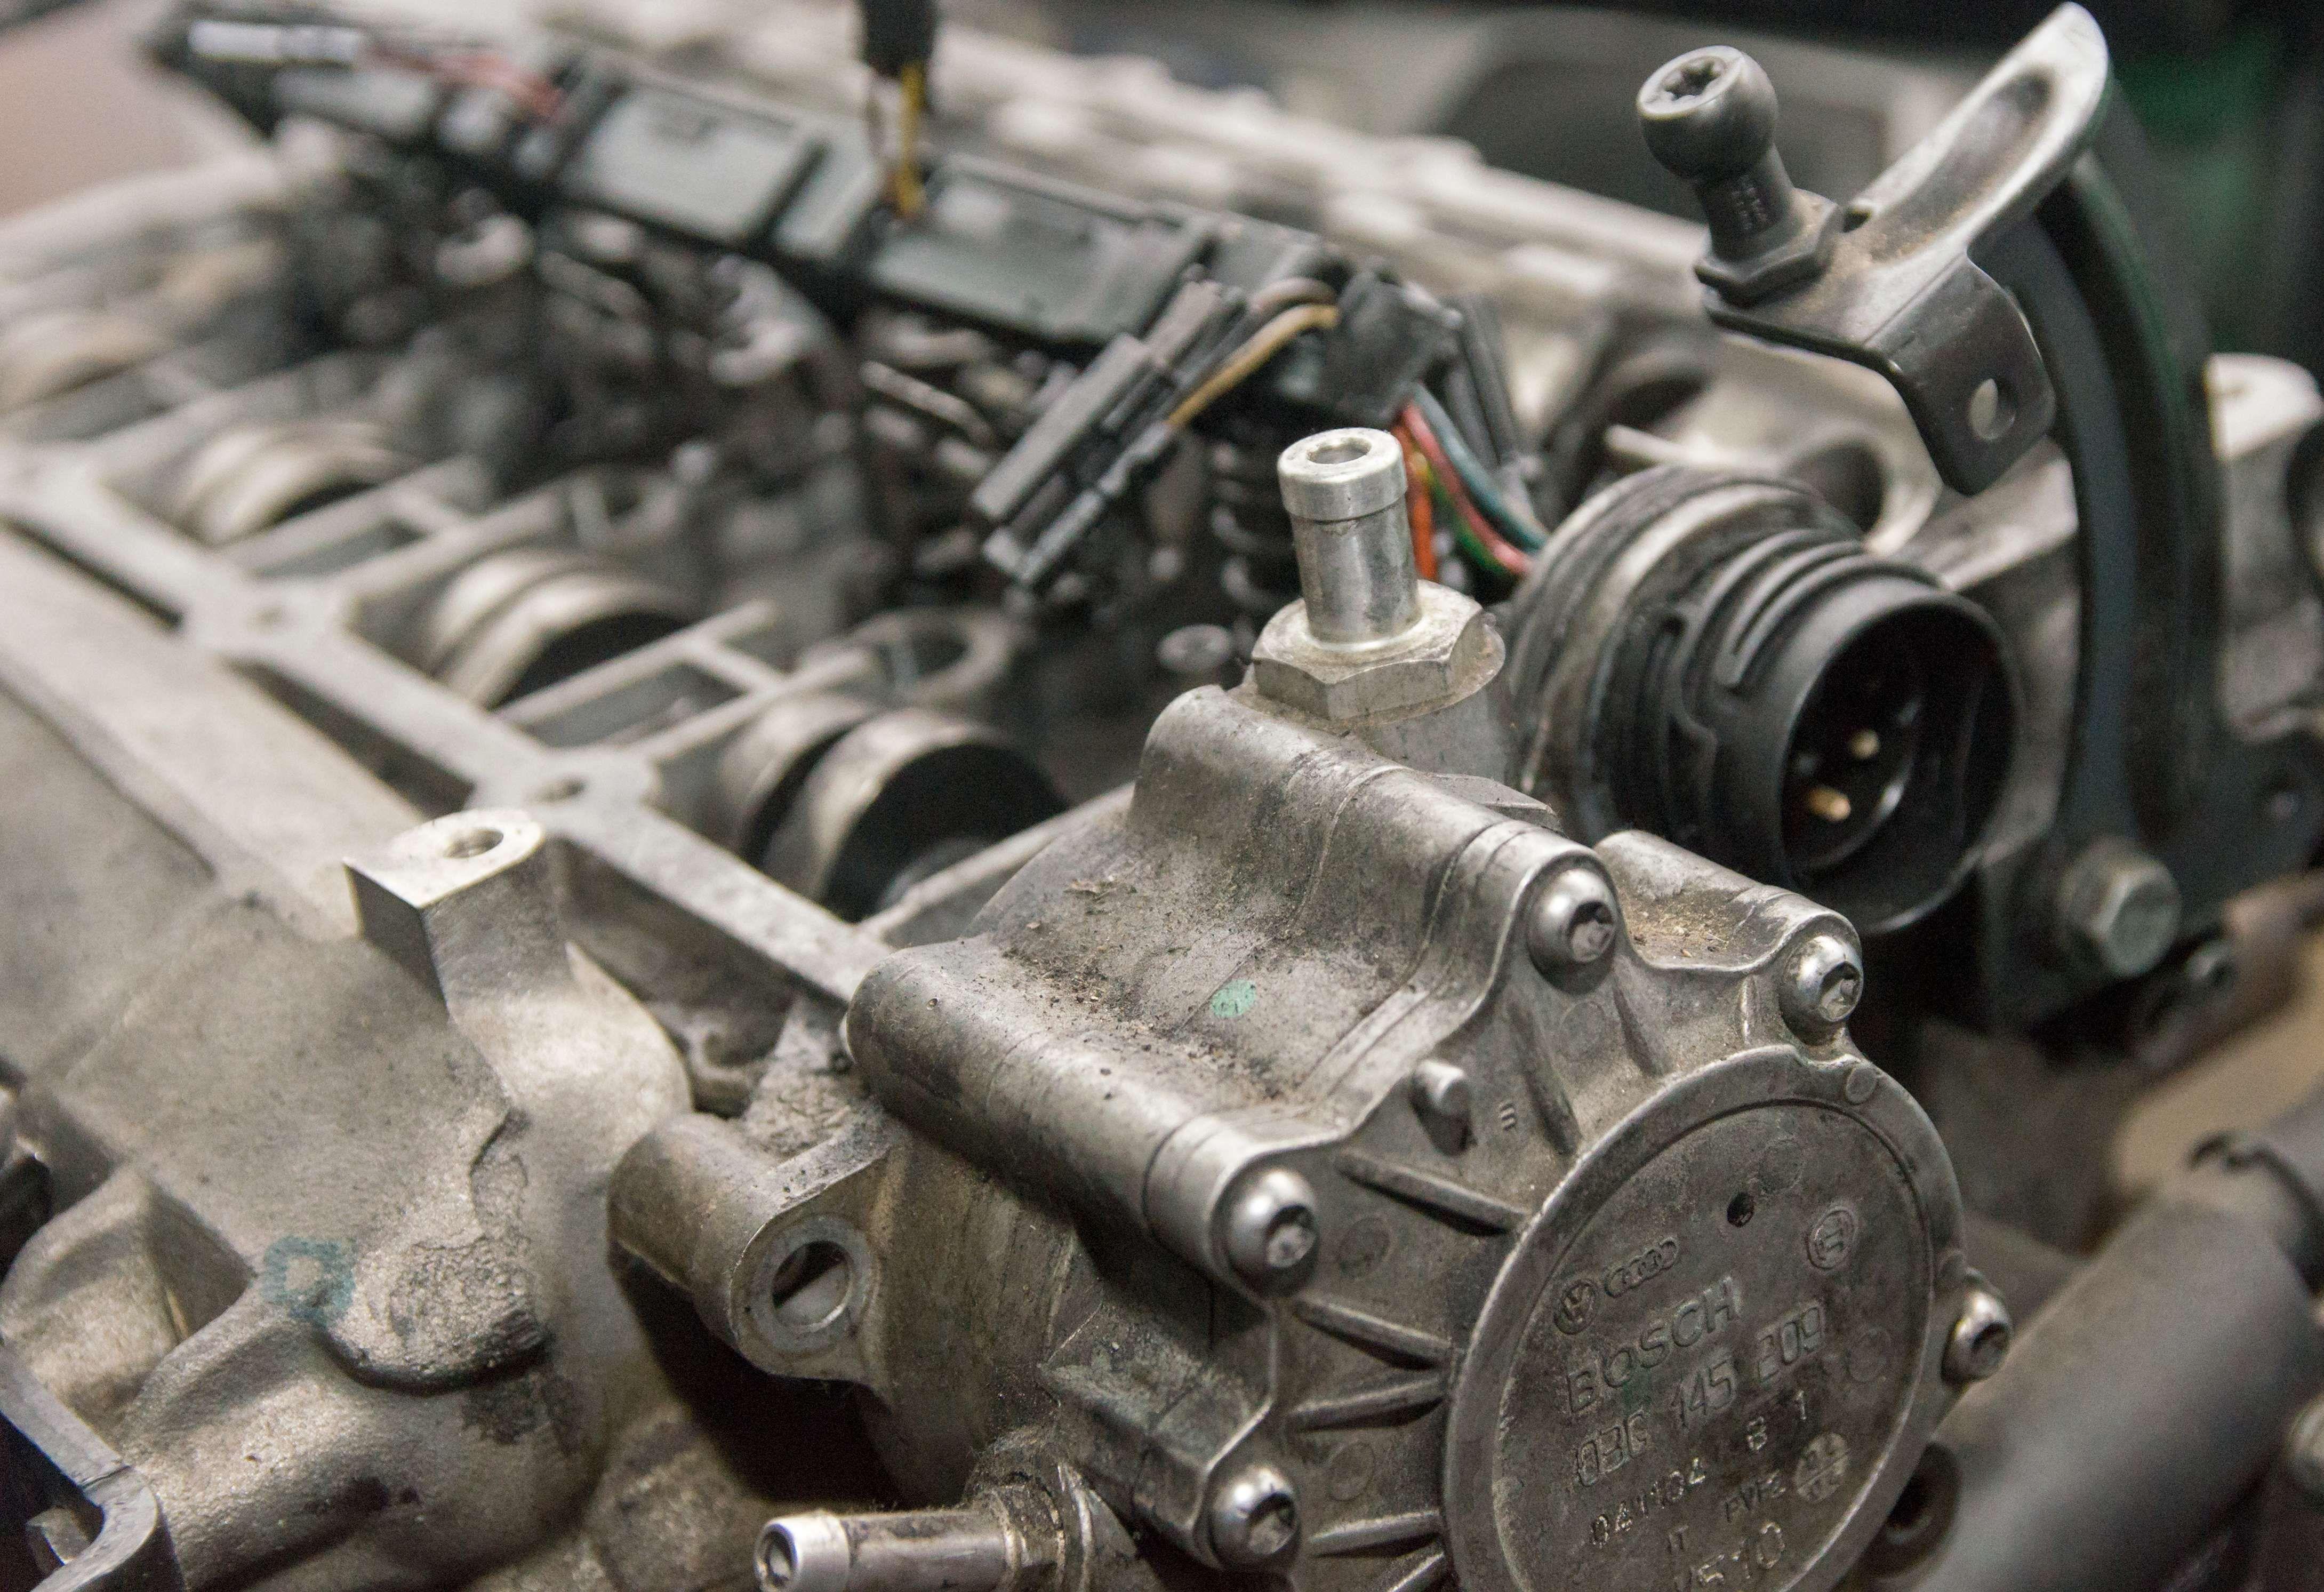 Revisiones y servicios de mantenimiento en Parla para tu vehículo